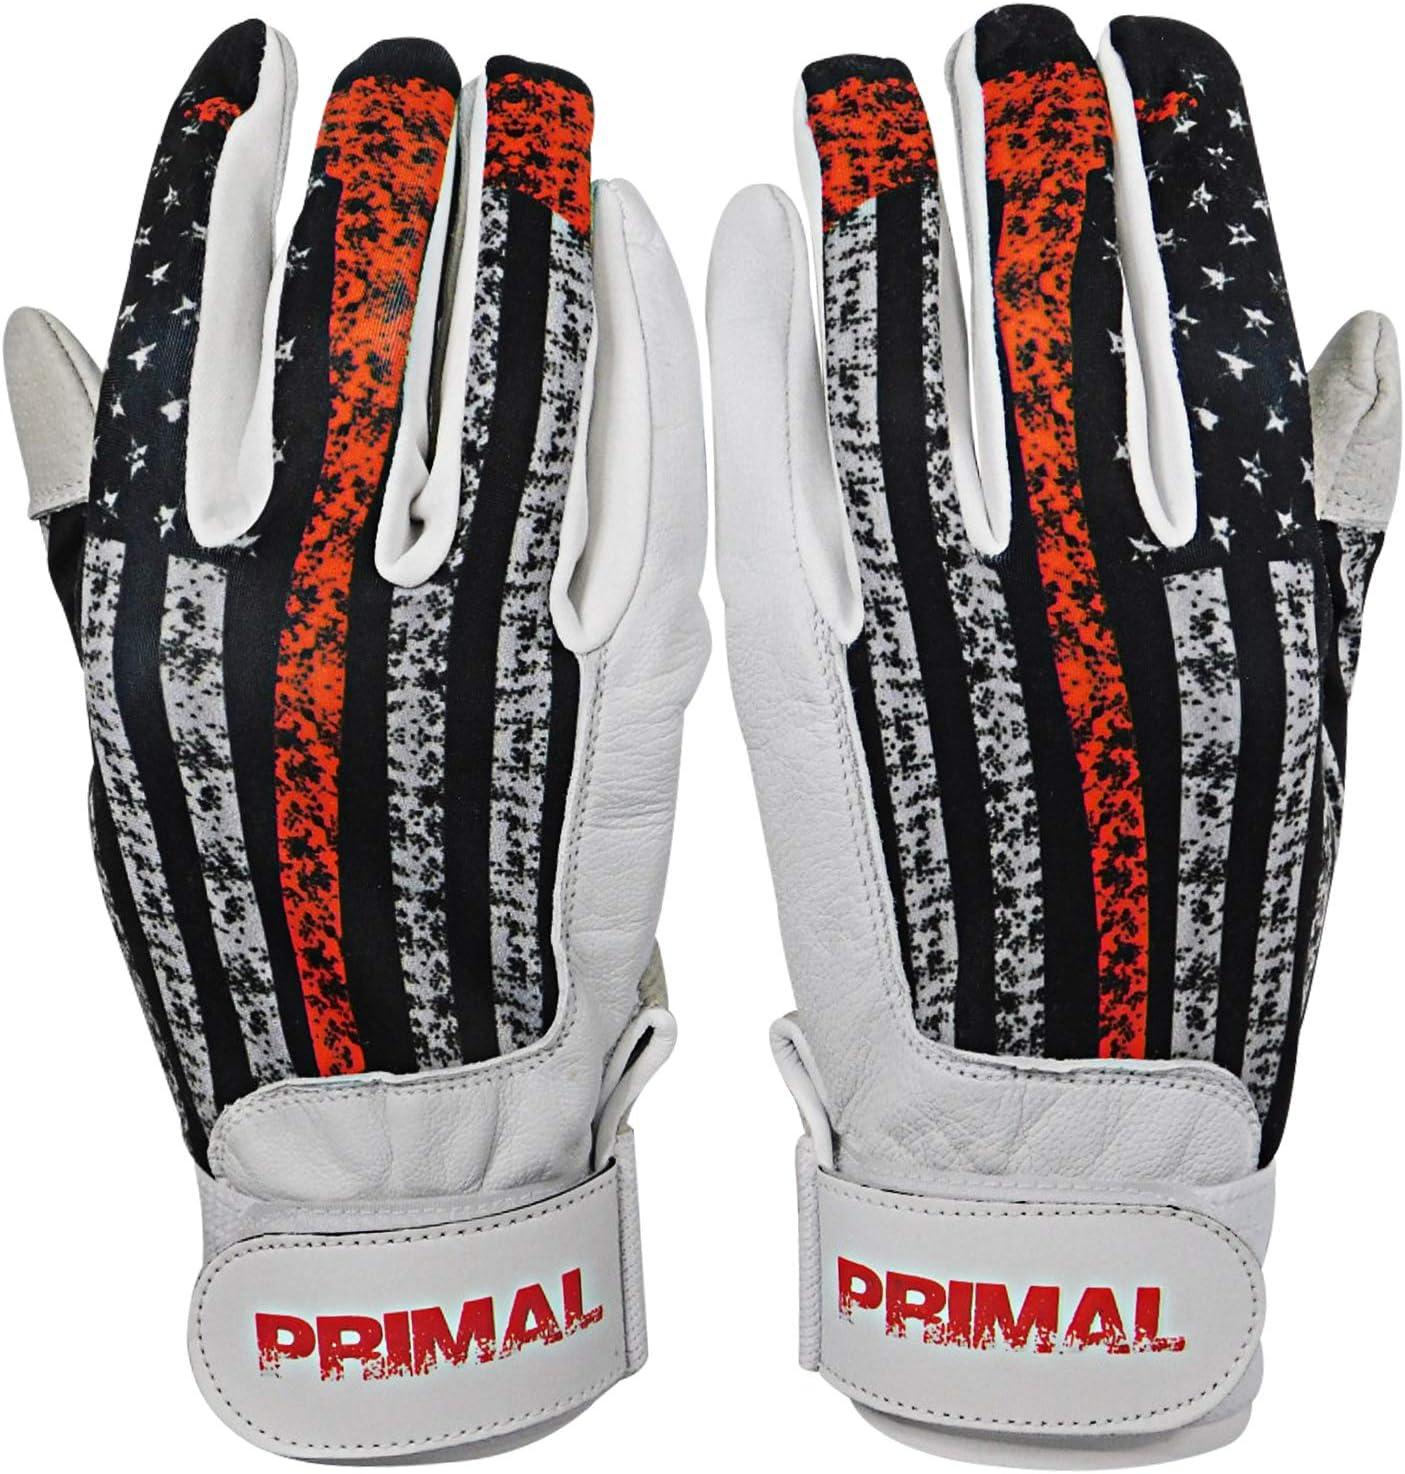 PrimalBaseball USA Firefighter Baseball Batting Gloves for Sports Players